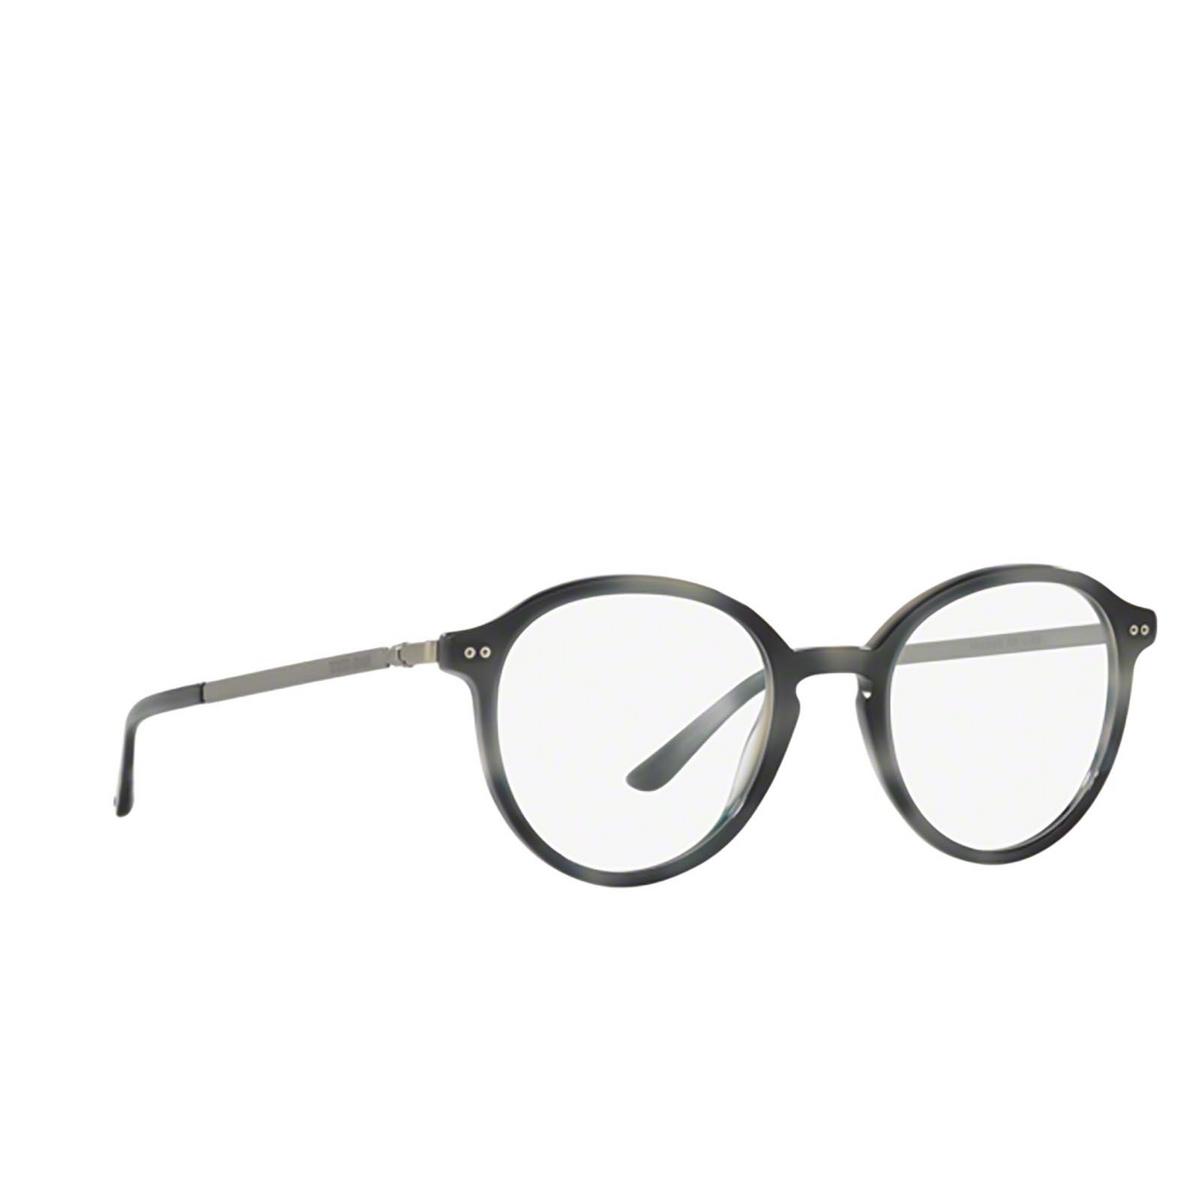 Giorgio Armani® Round Eyeglasses: AR7124 color 5572 - three-quarters view.